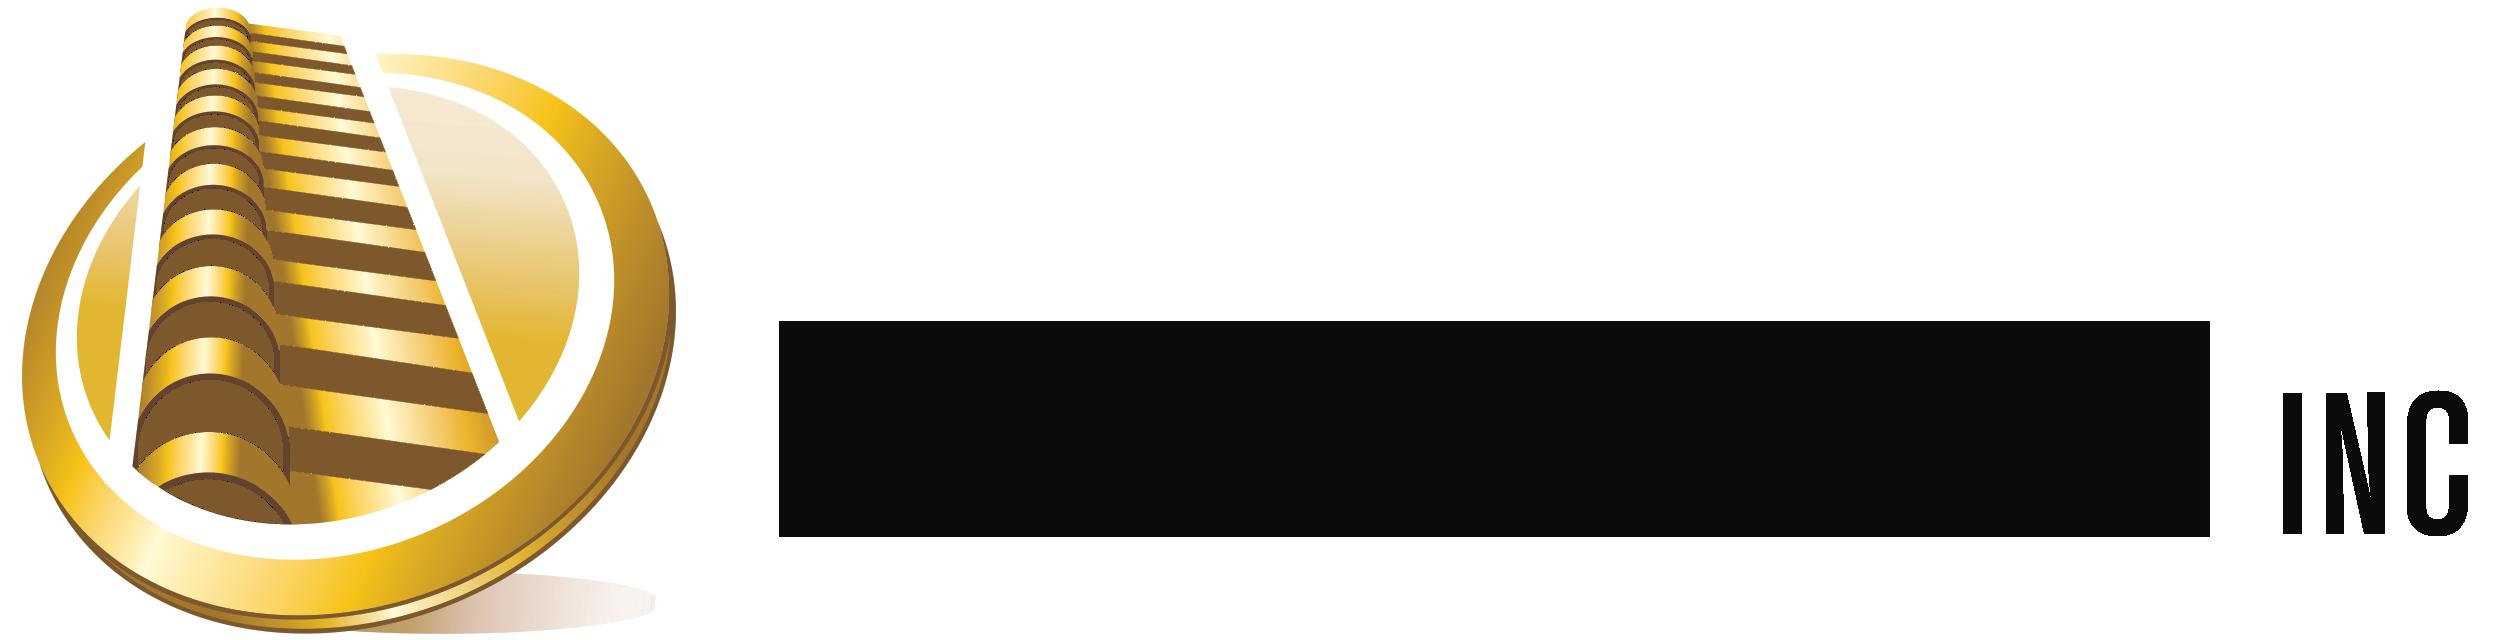 City Pre-Sale Inspection Reports – Premier Escrow Services